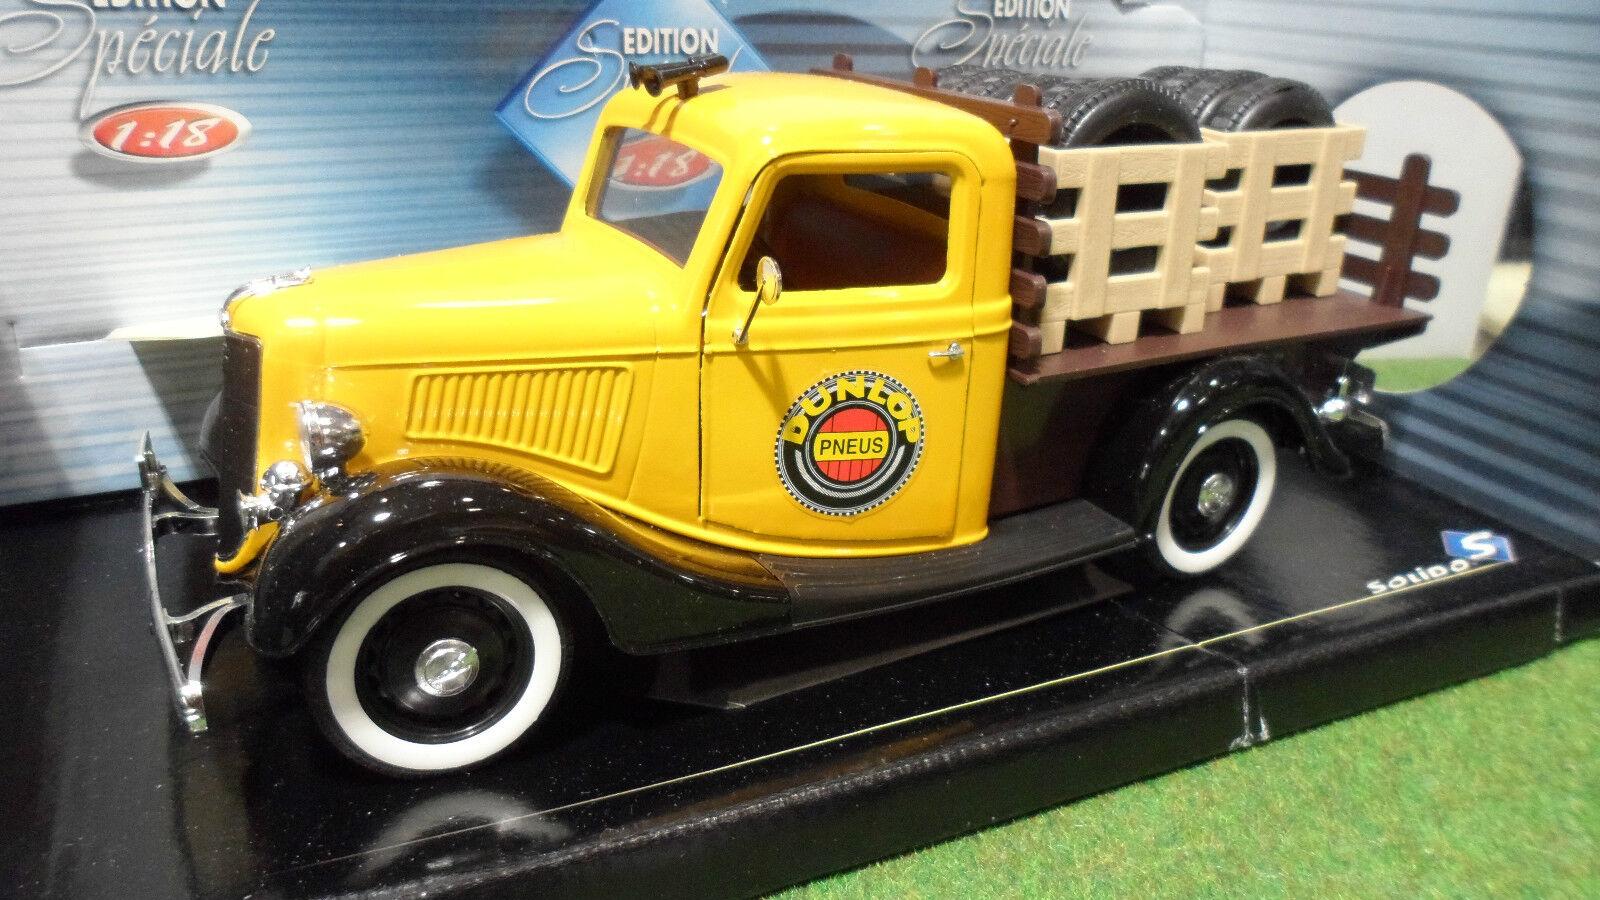 FORD PLATEAU PNEU DUNLOP 1936 Gelb 1 18 SOLIDO 8414 voiture miniature